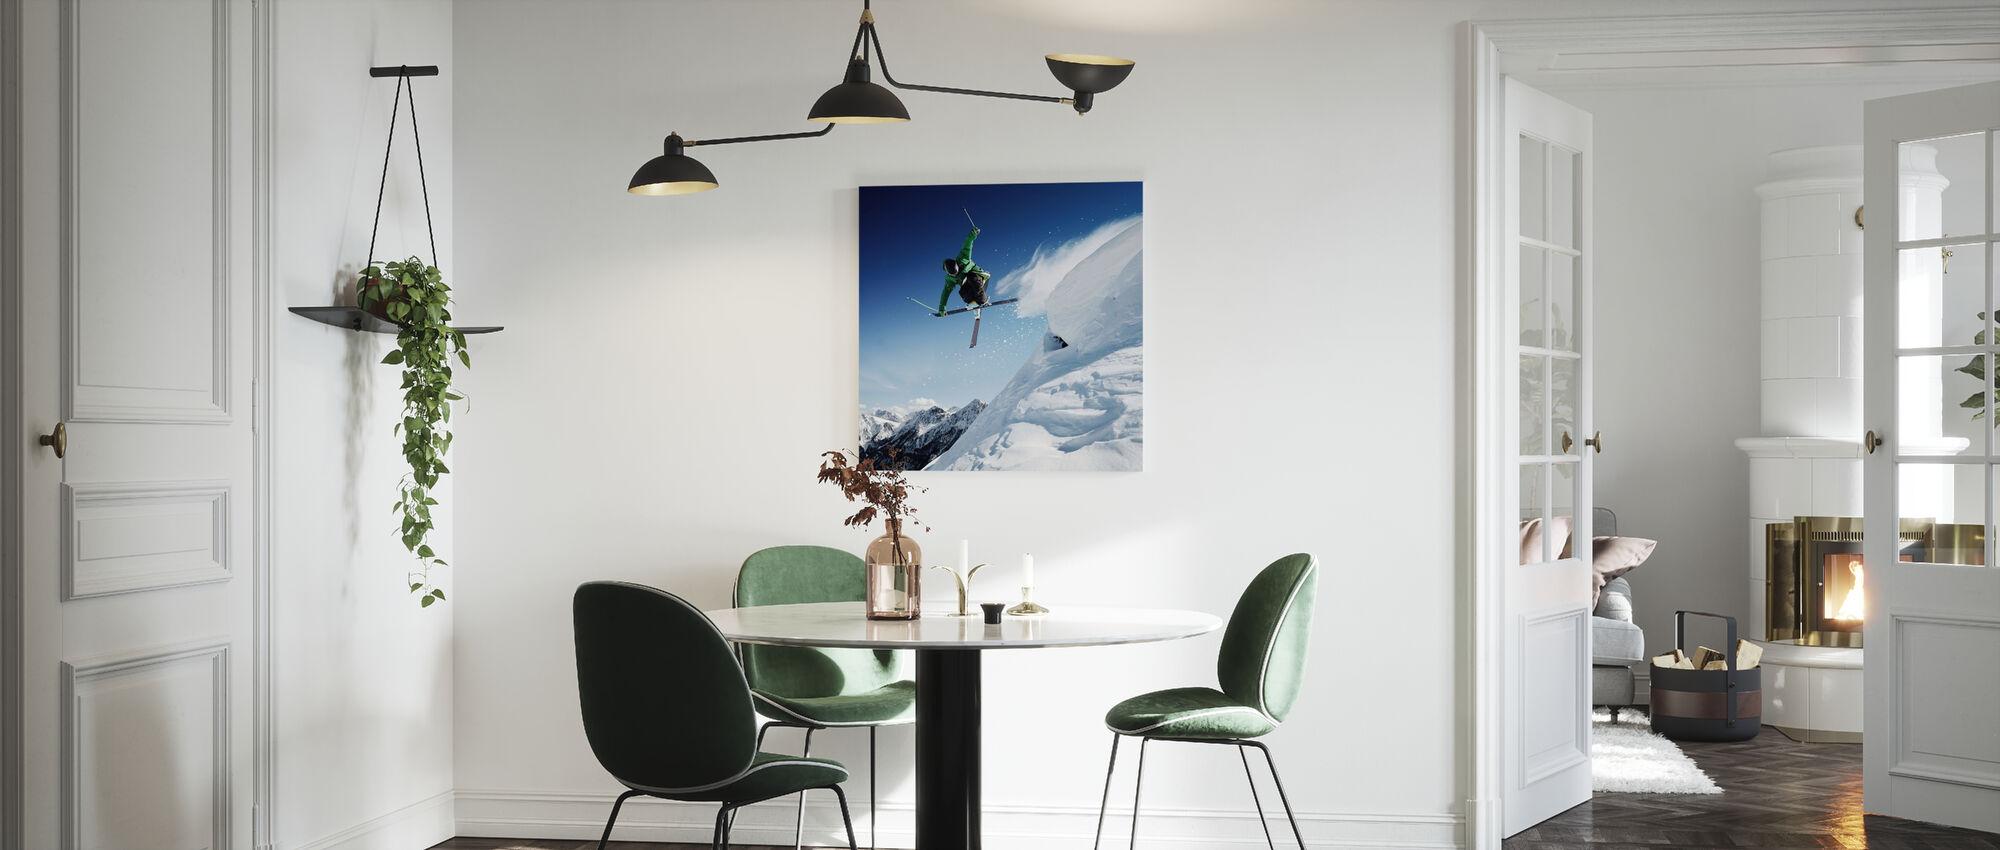 Jumping Skier - Canvas print - Kitchen